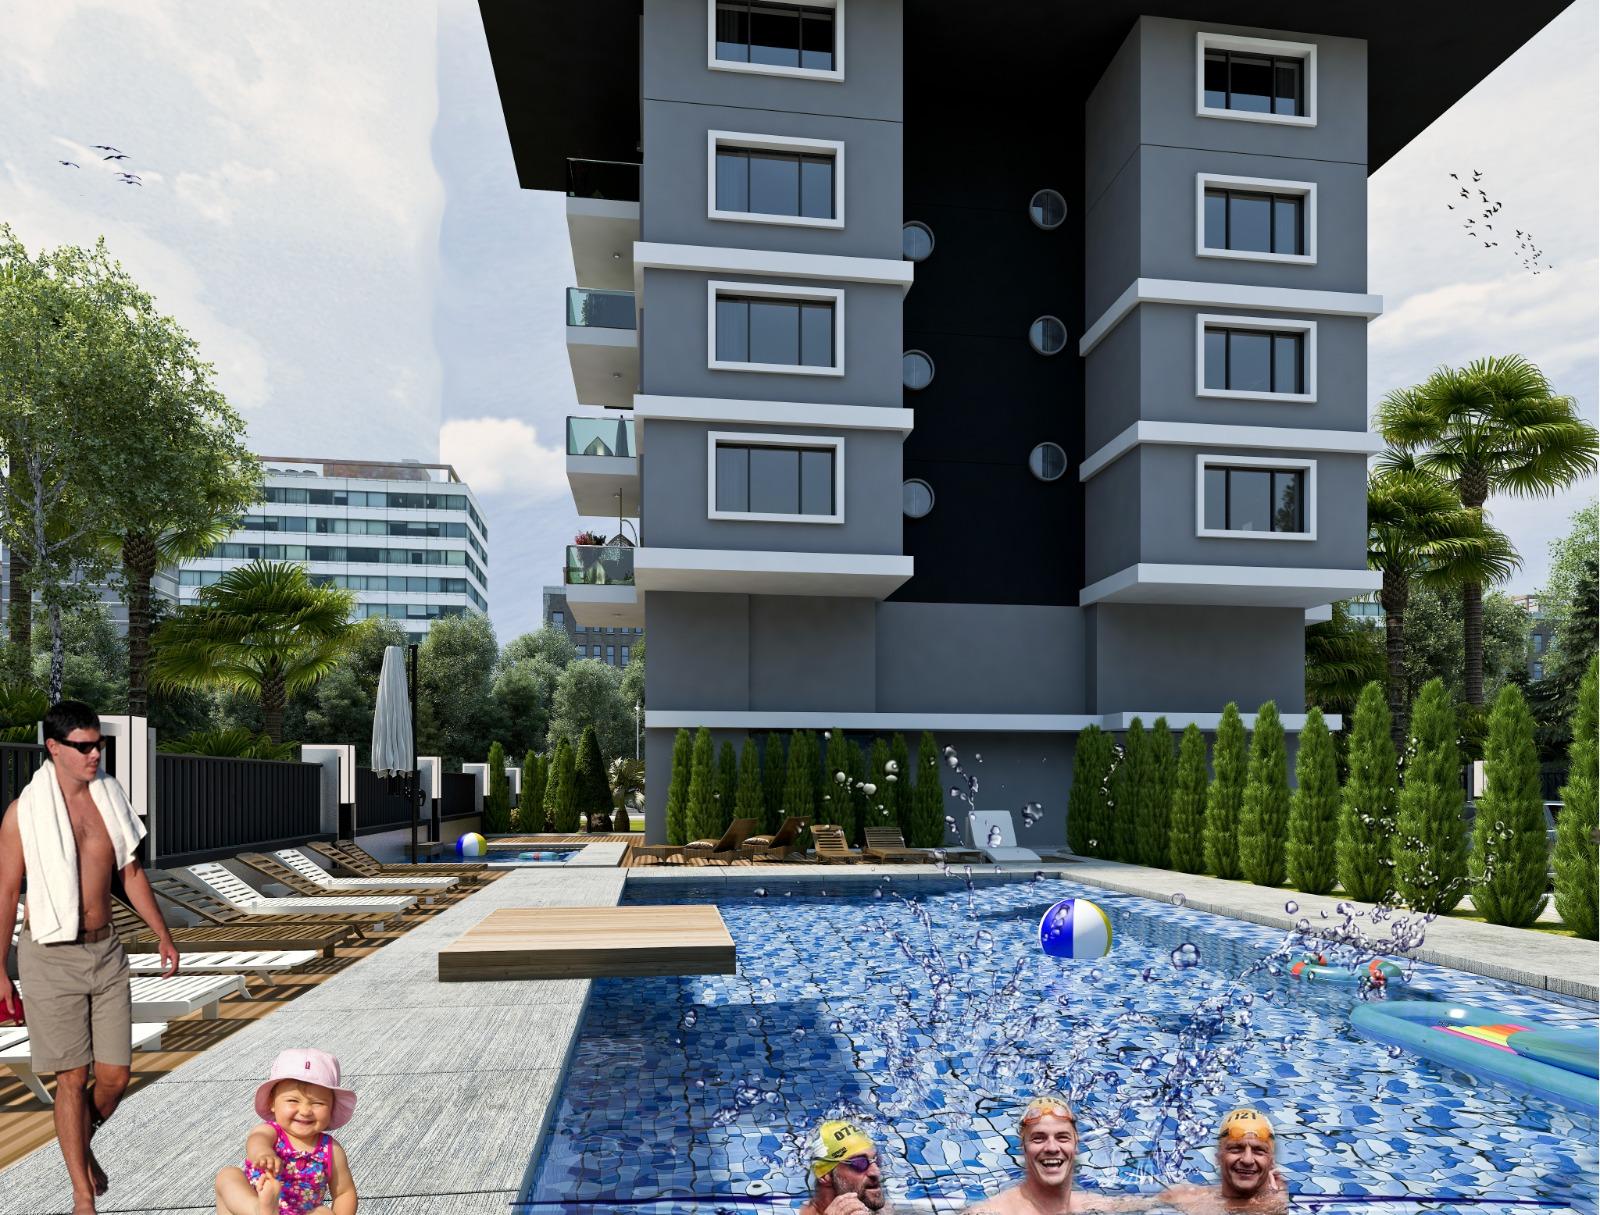 Комфортабельные квартиры в жилом комплексе на этапе строительства - Фото 3